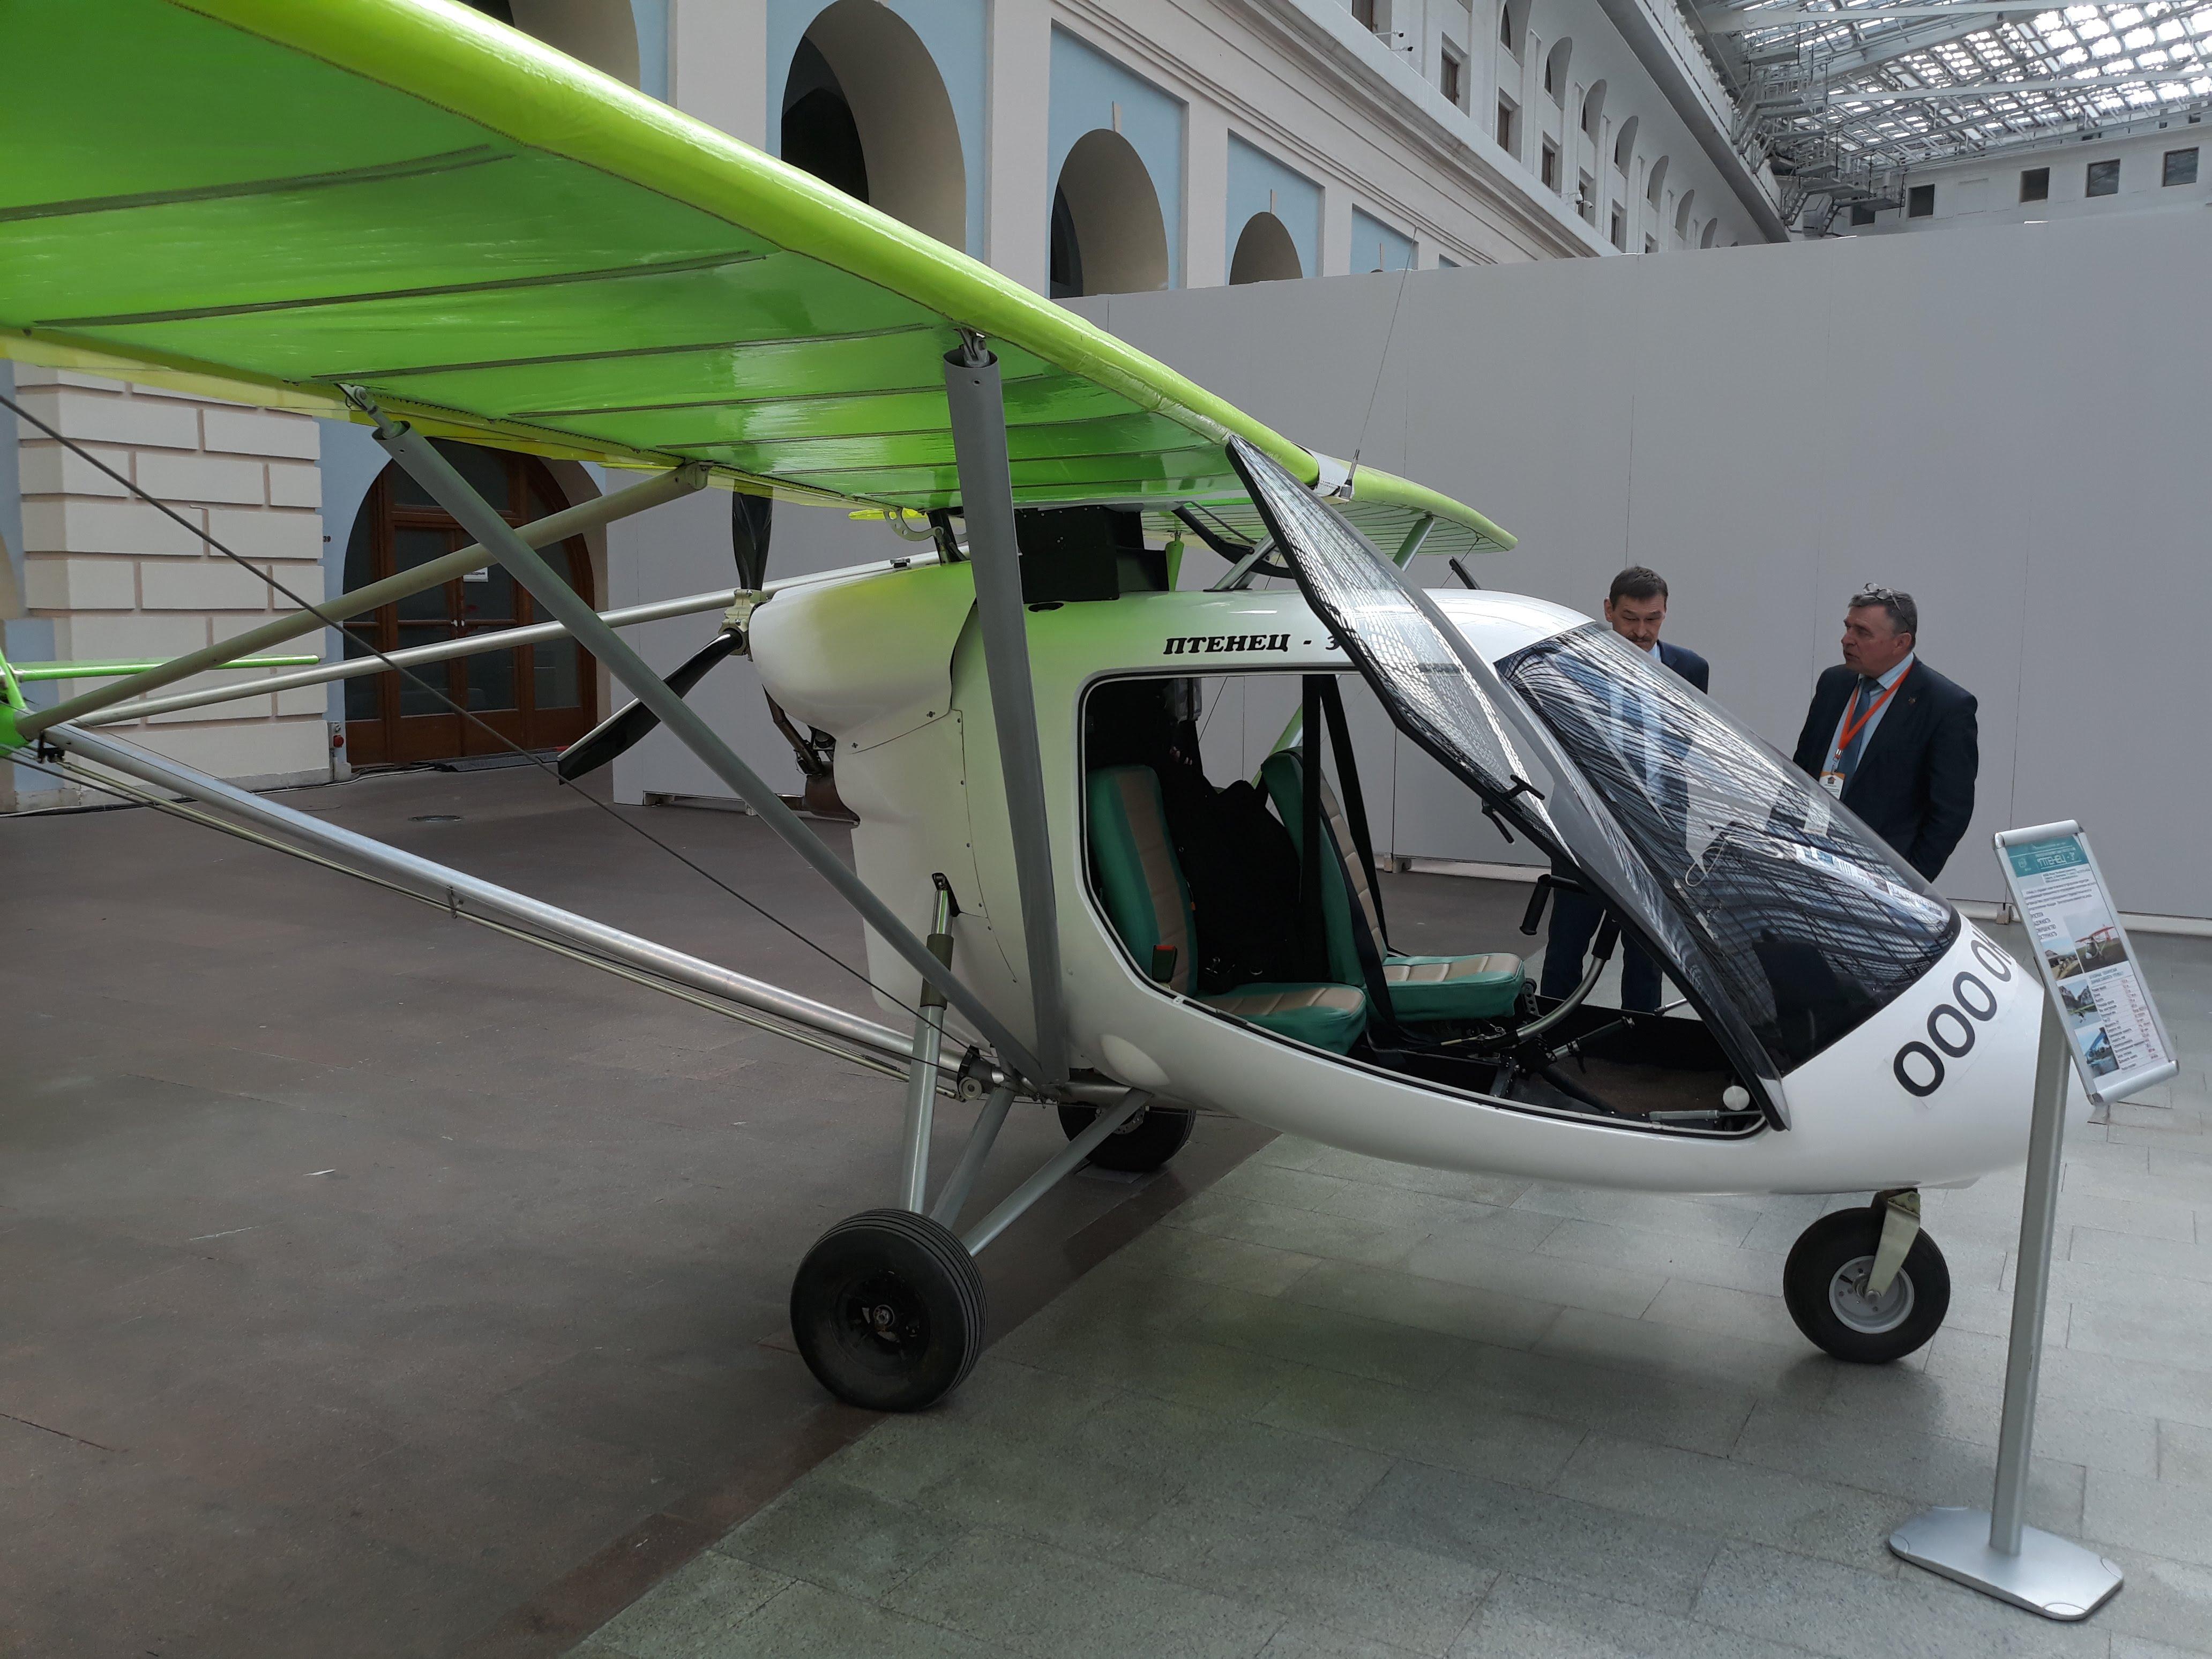 Ультралегкий самолет Птенец-3 Конструктор